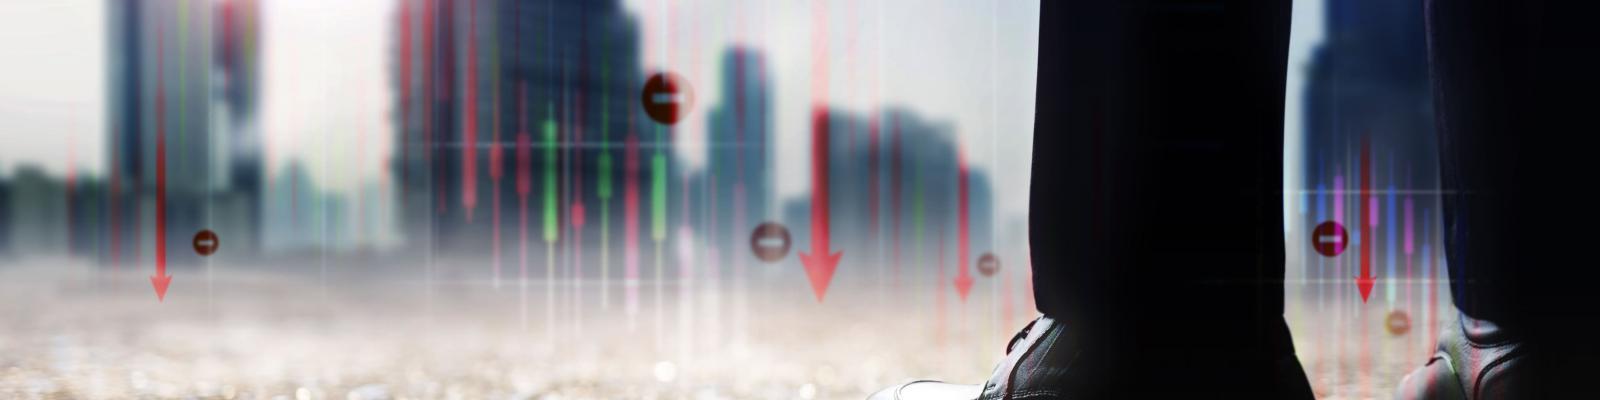 Analyse van de financieel-economische perspectieven aan de hand van de belangrijkste economische indicatoren